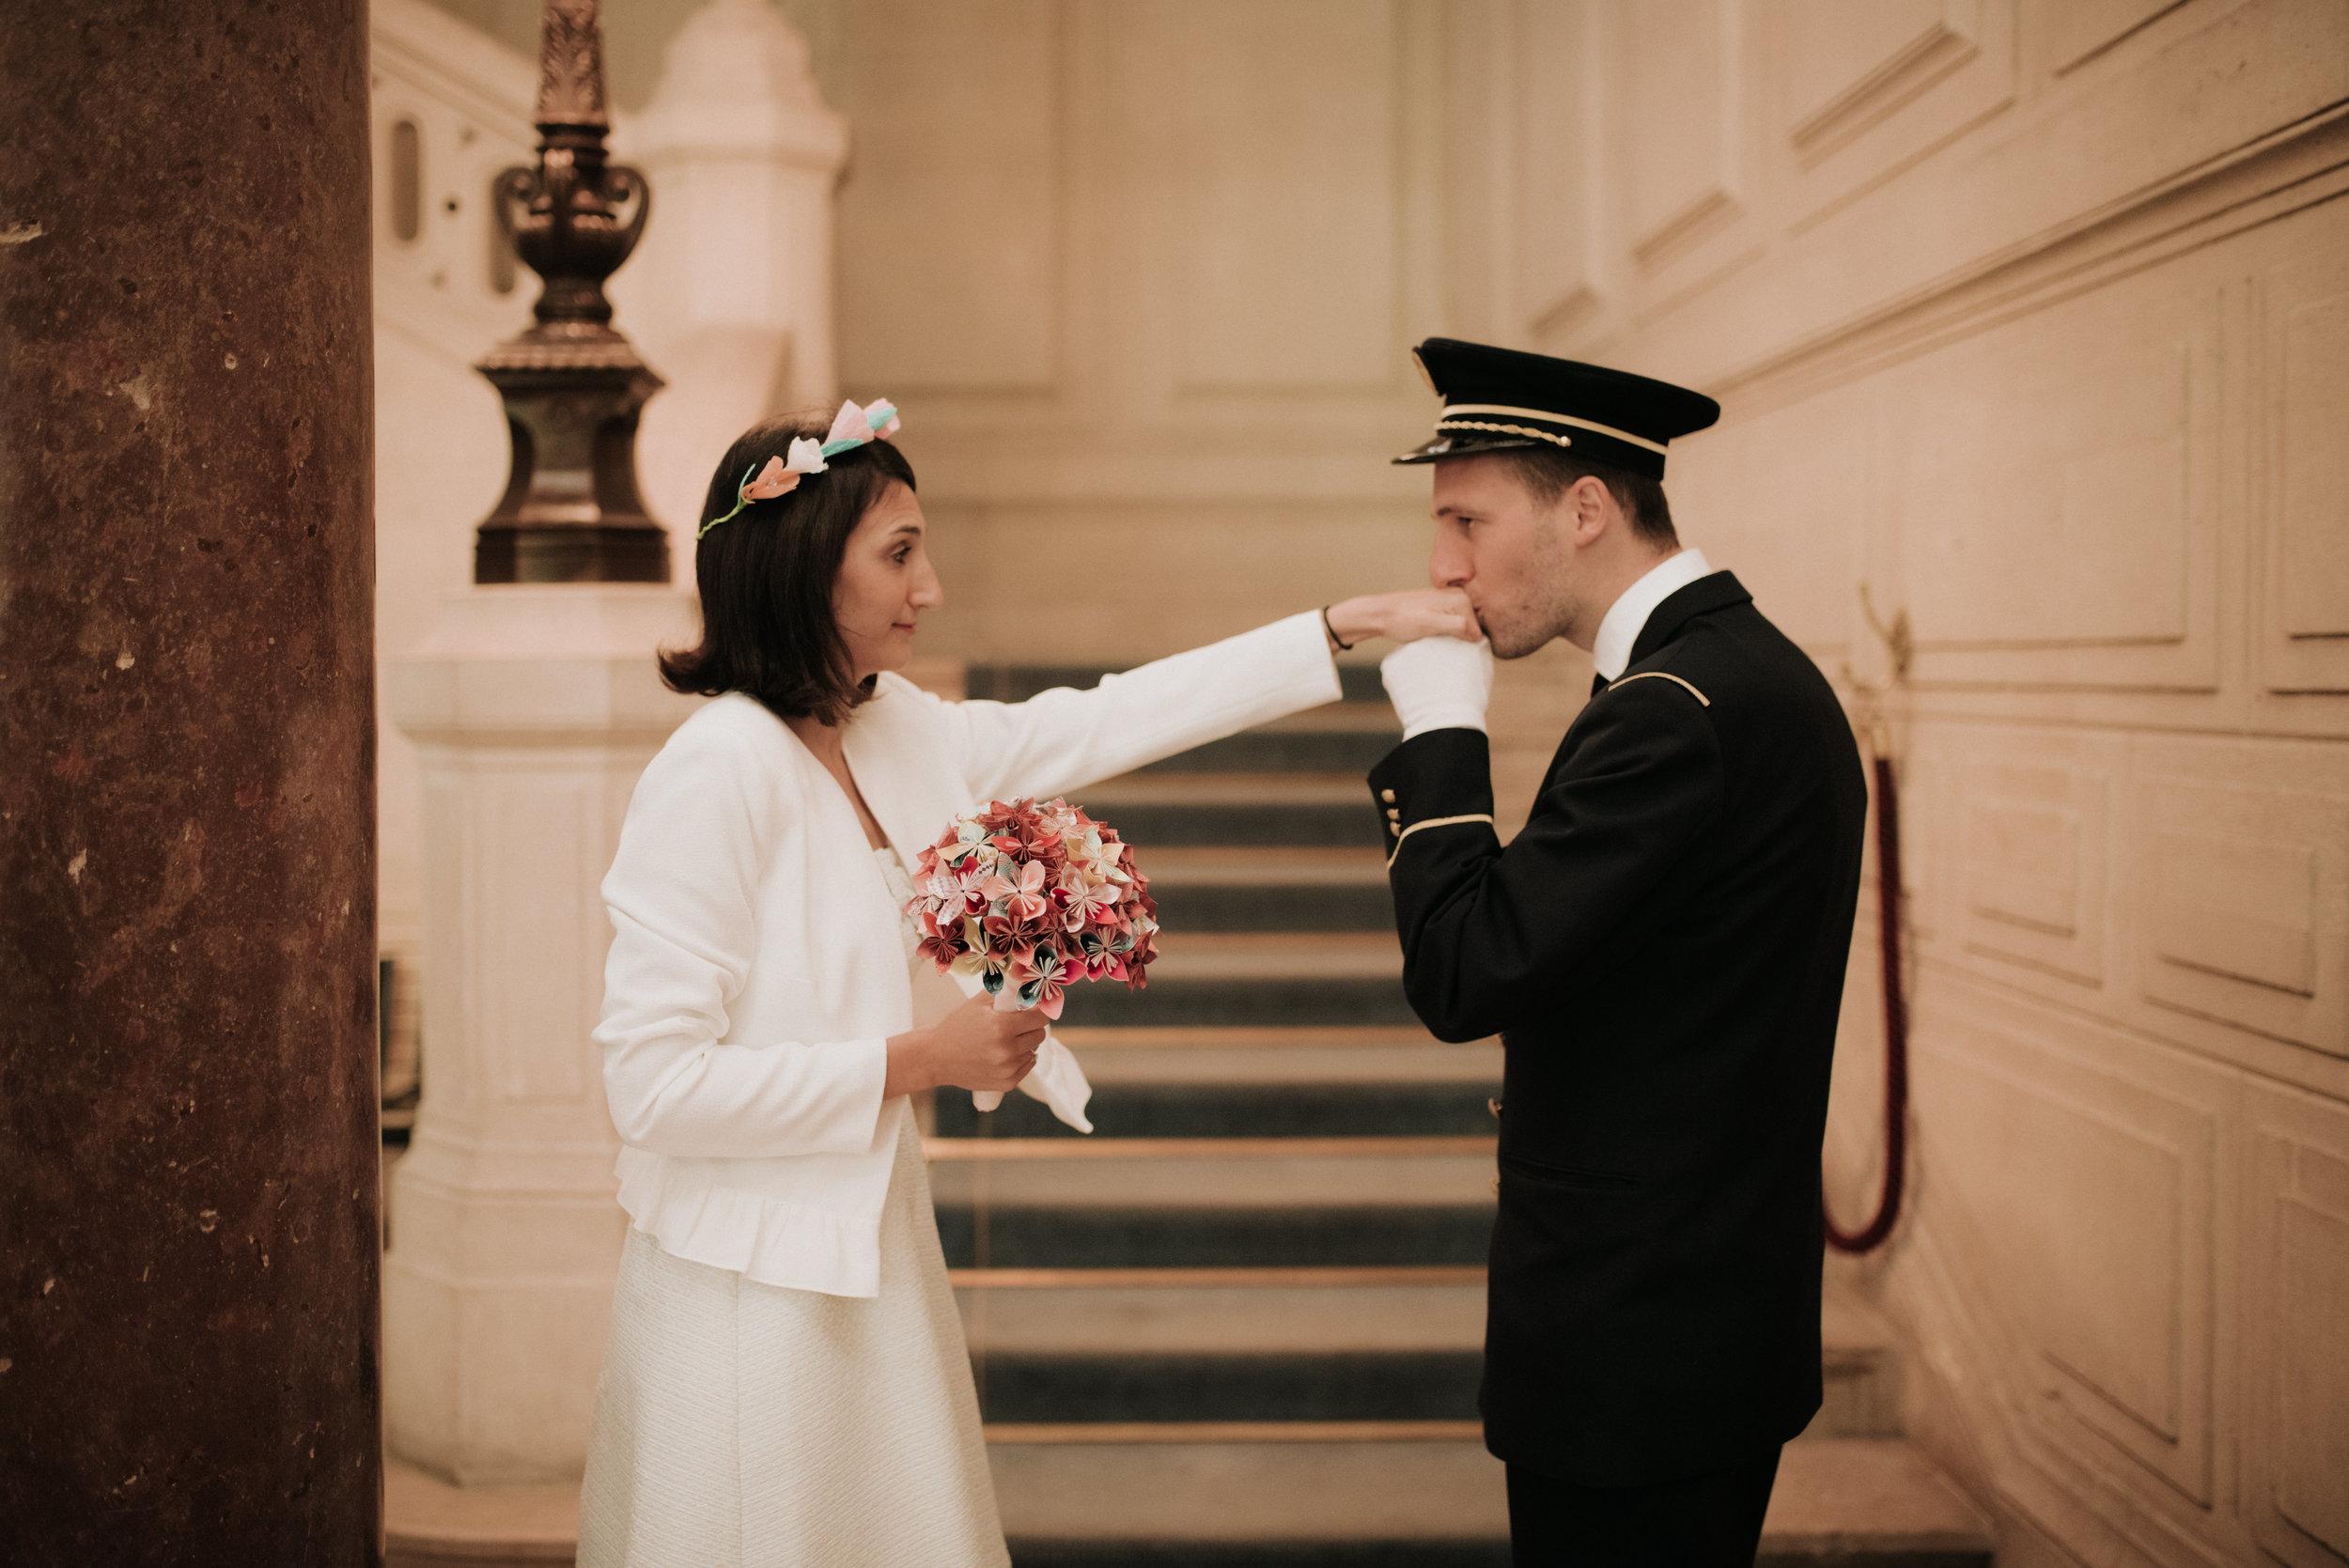 Léa-Fery-photographe-professionnel-lyon-rhone-alpes-portrait-creation-mariage-evenement-evenementiel-famille-2-25.jpg